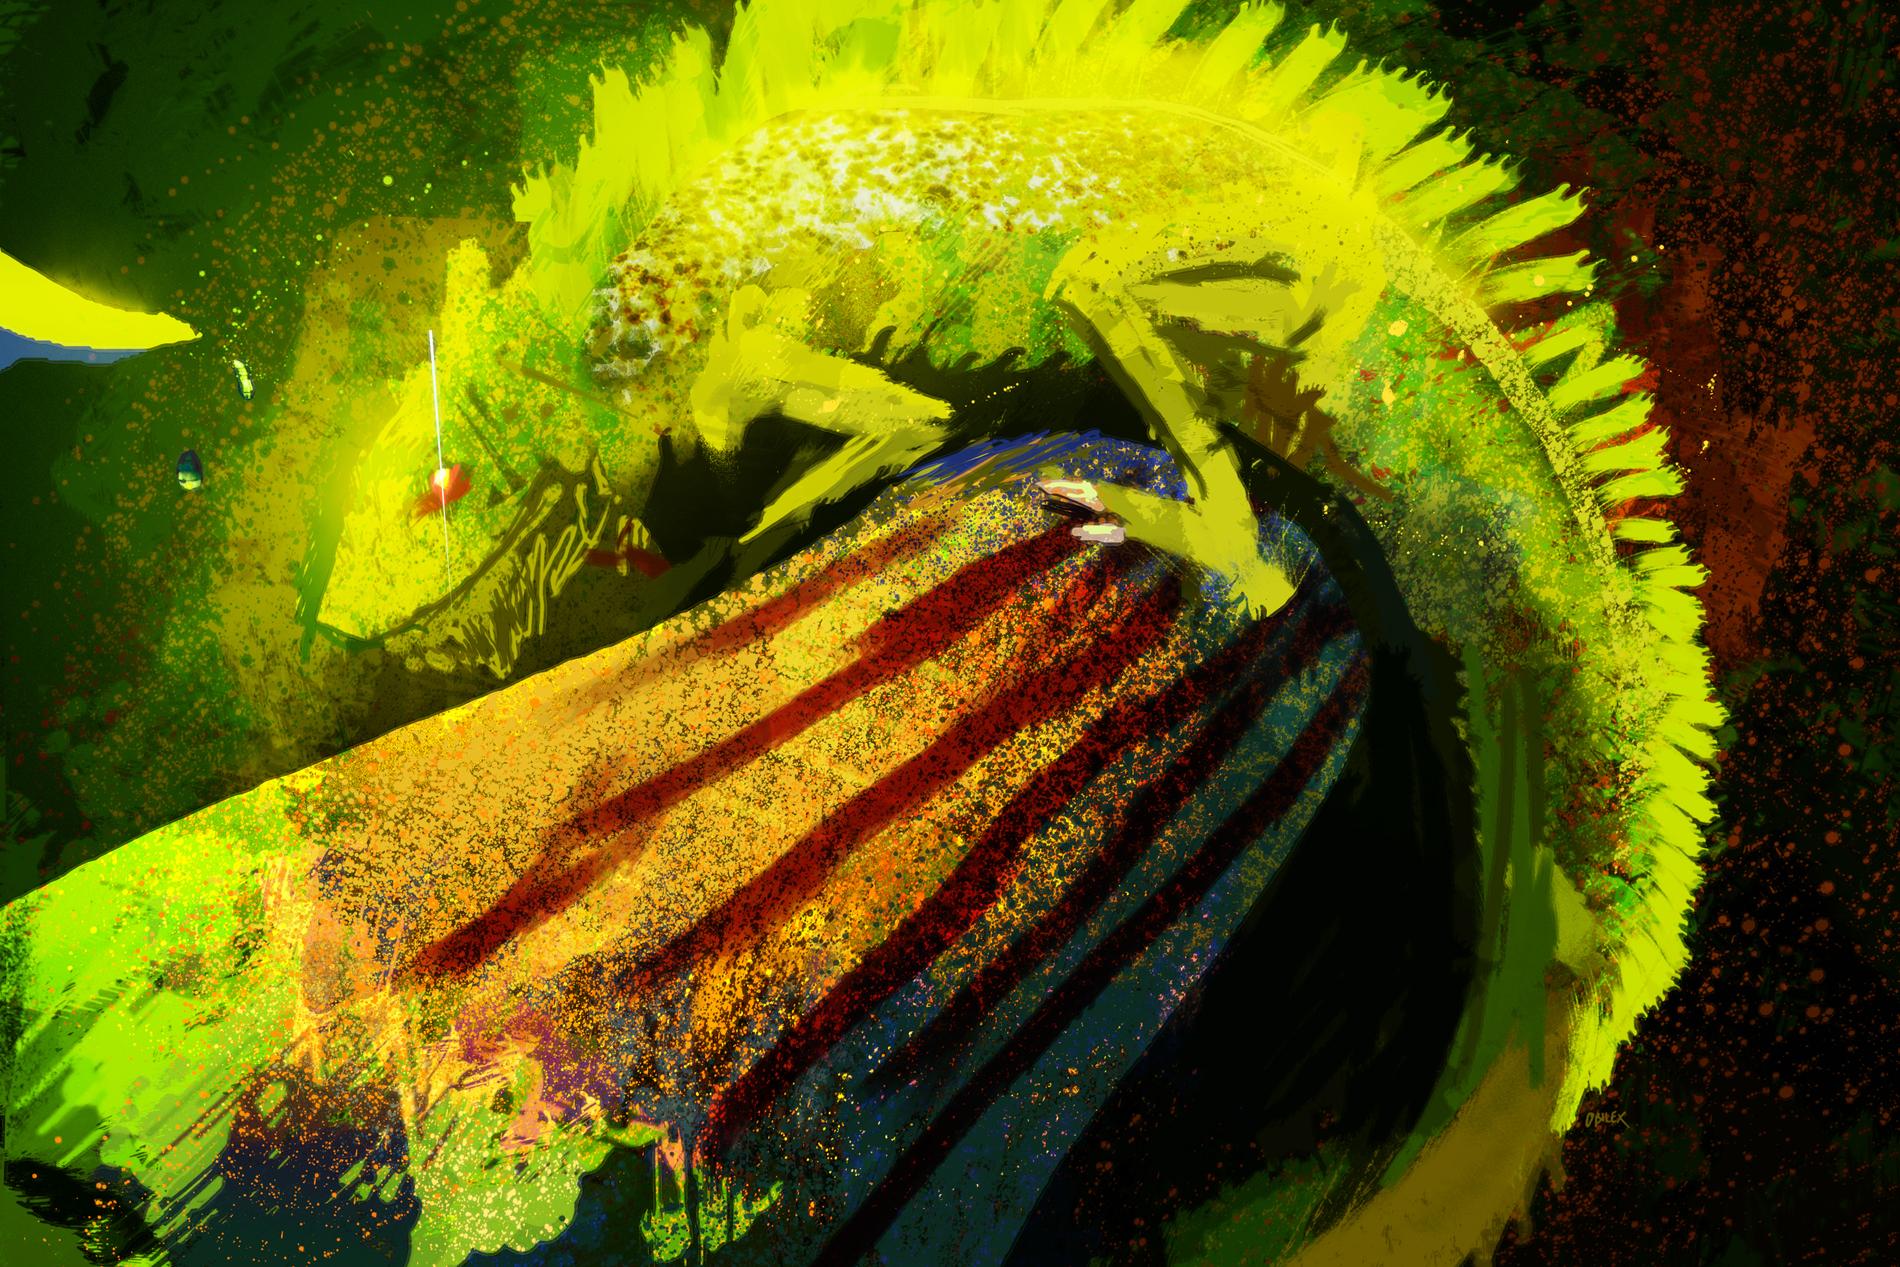 iguana_By_Obilex